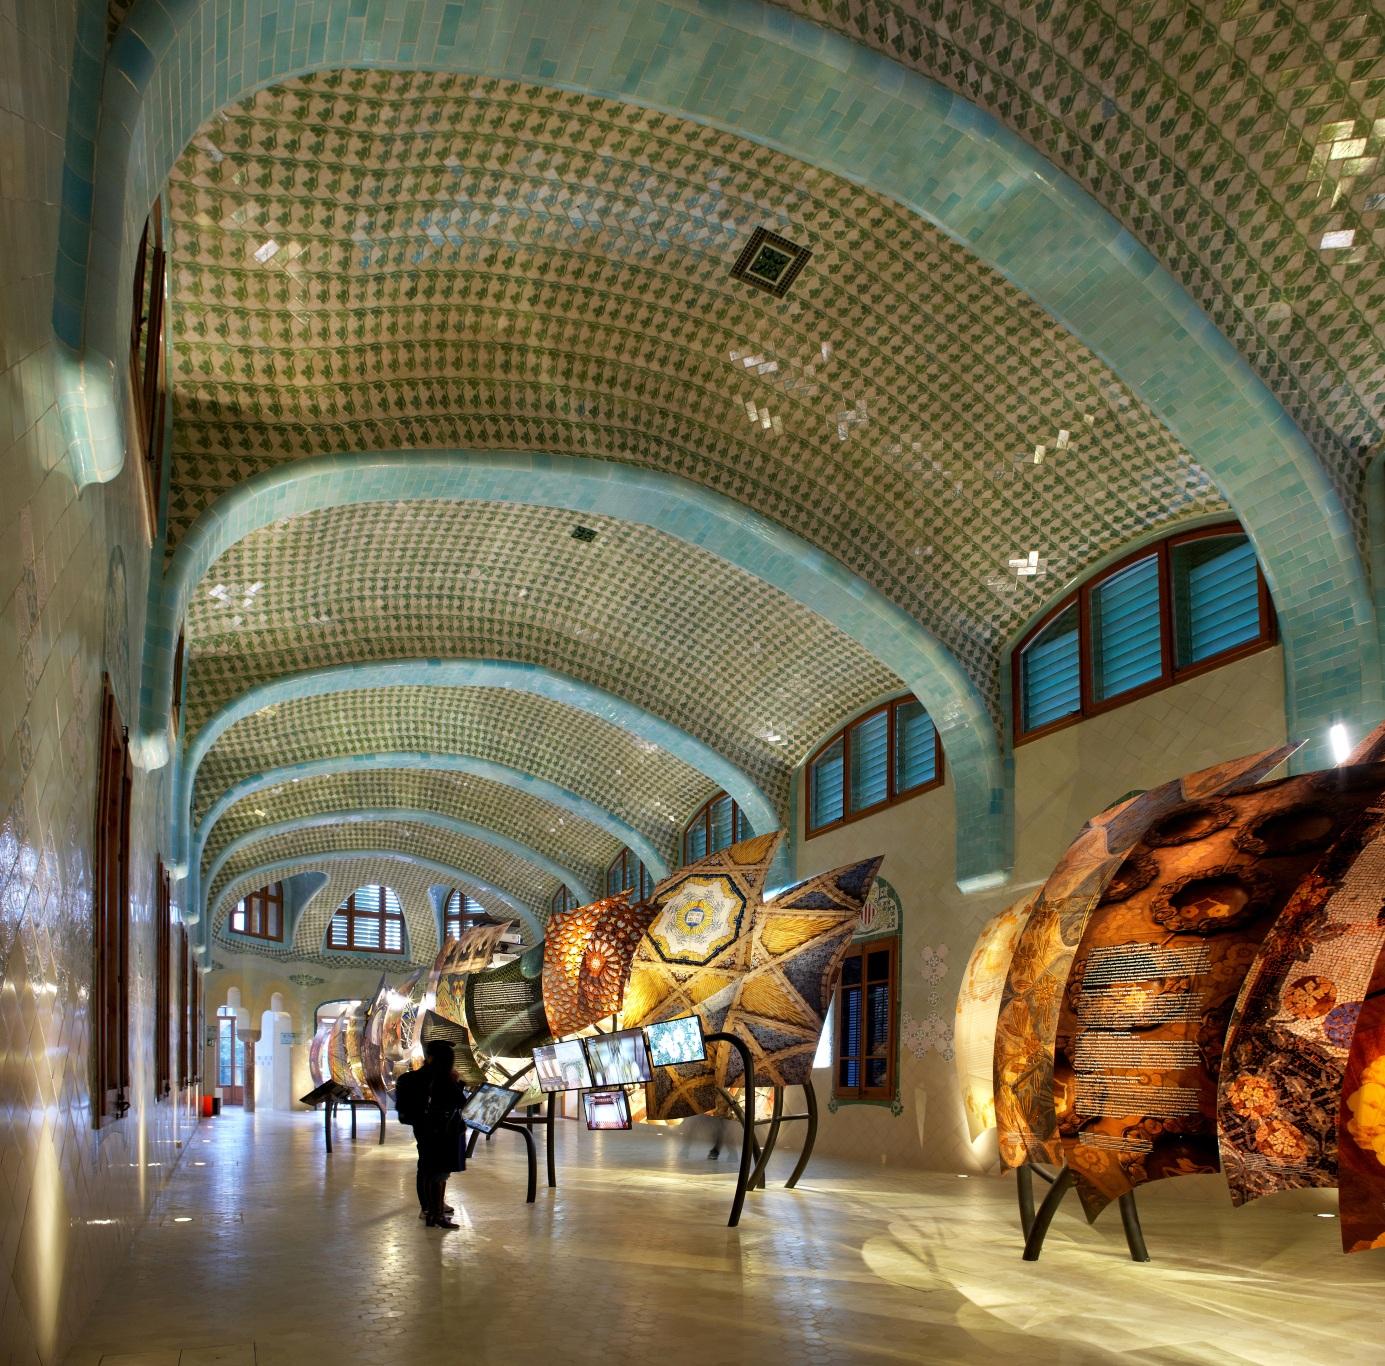 Hospital de la Santa Creu i Sant Pau. Dragón iluminado formado por elementos de la arquitectura de Domènech i Montaner.